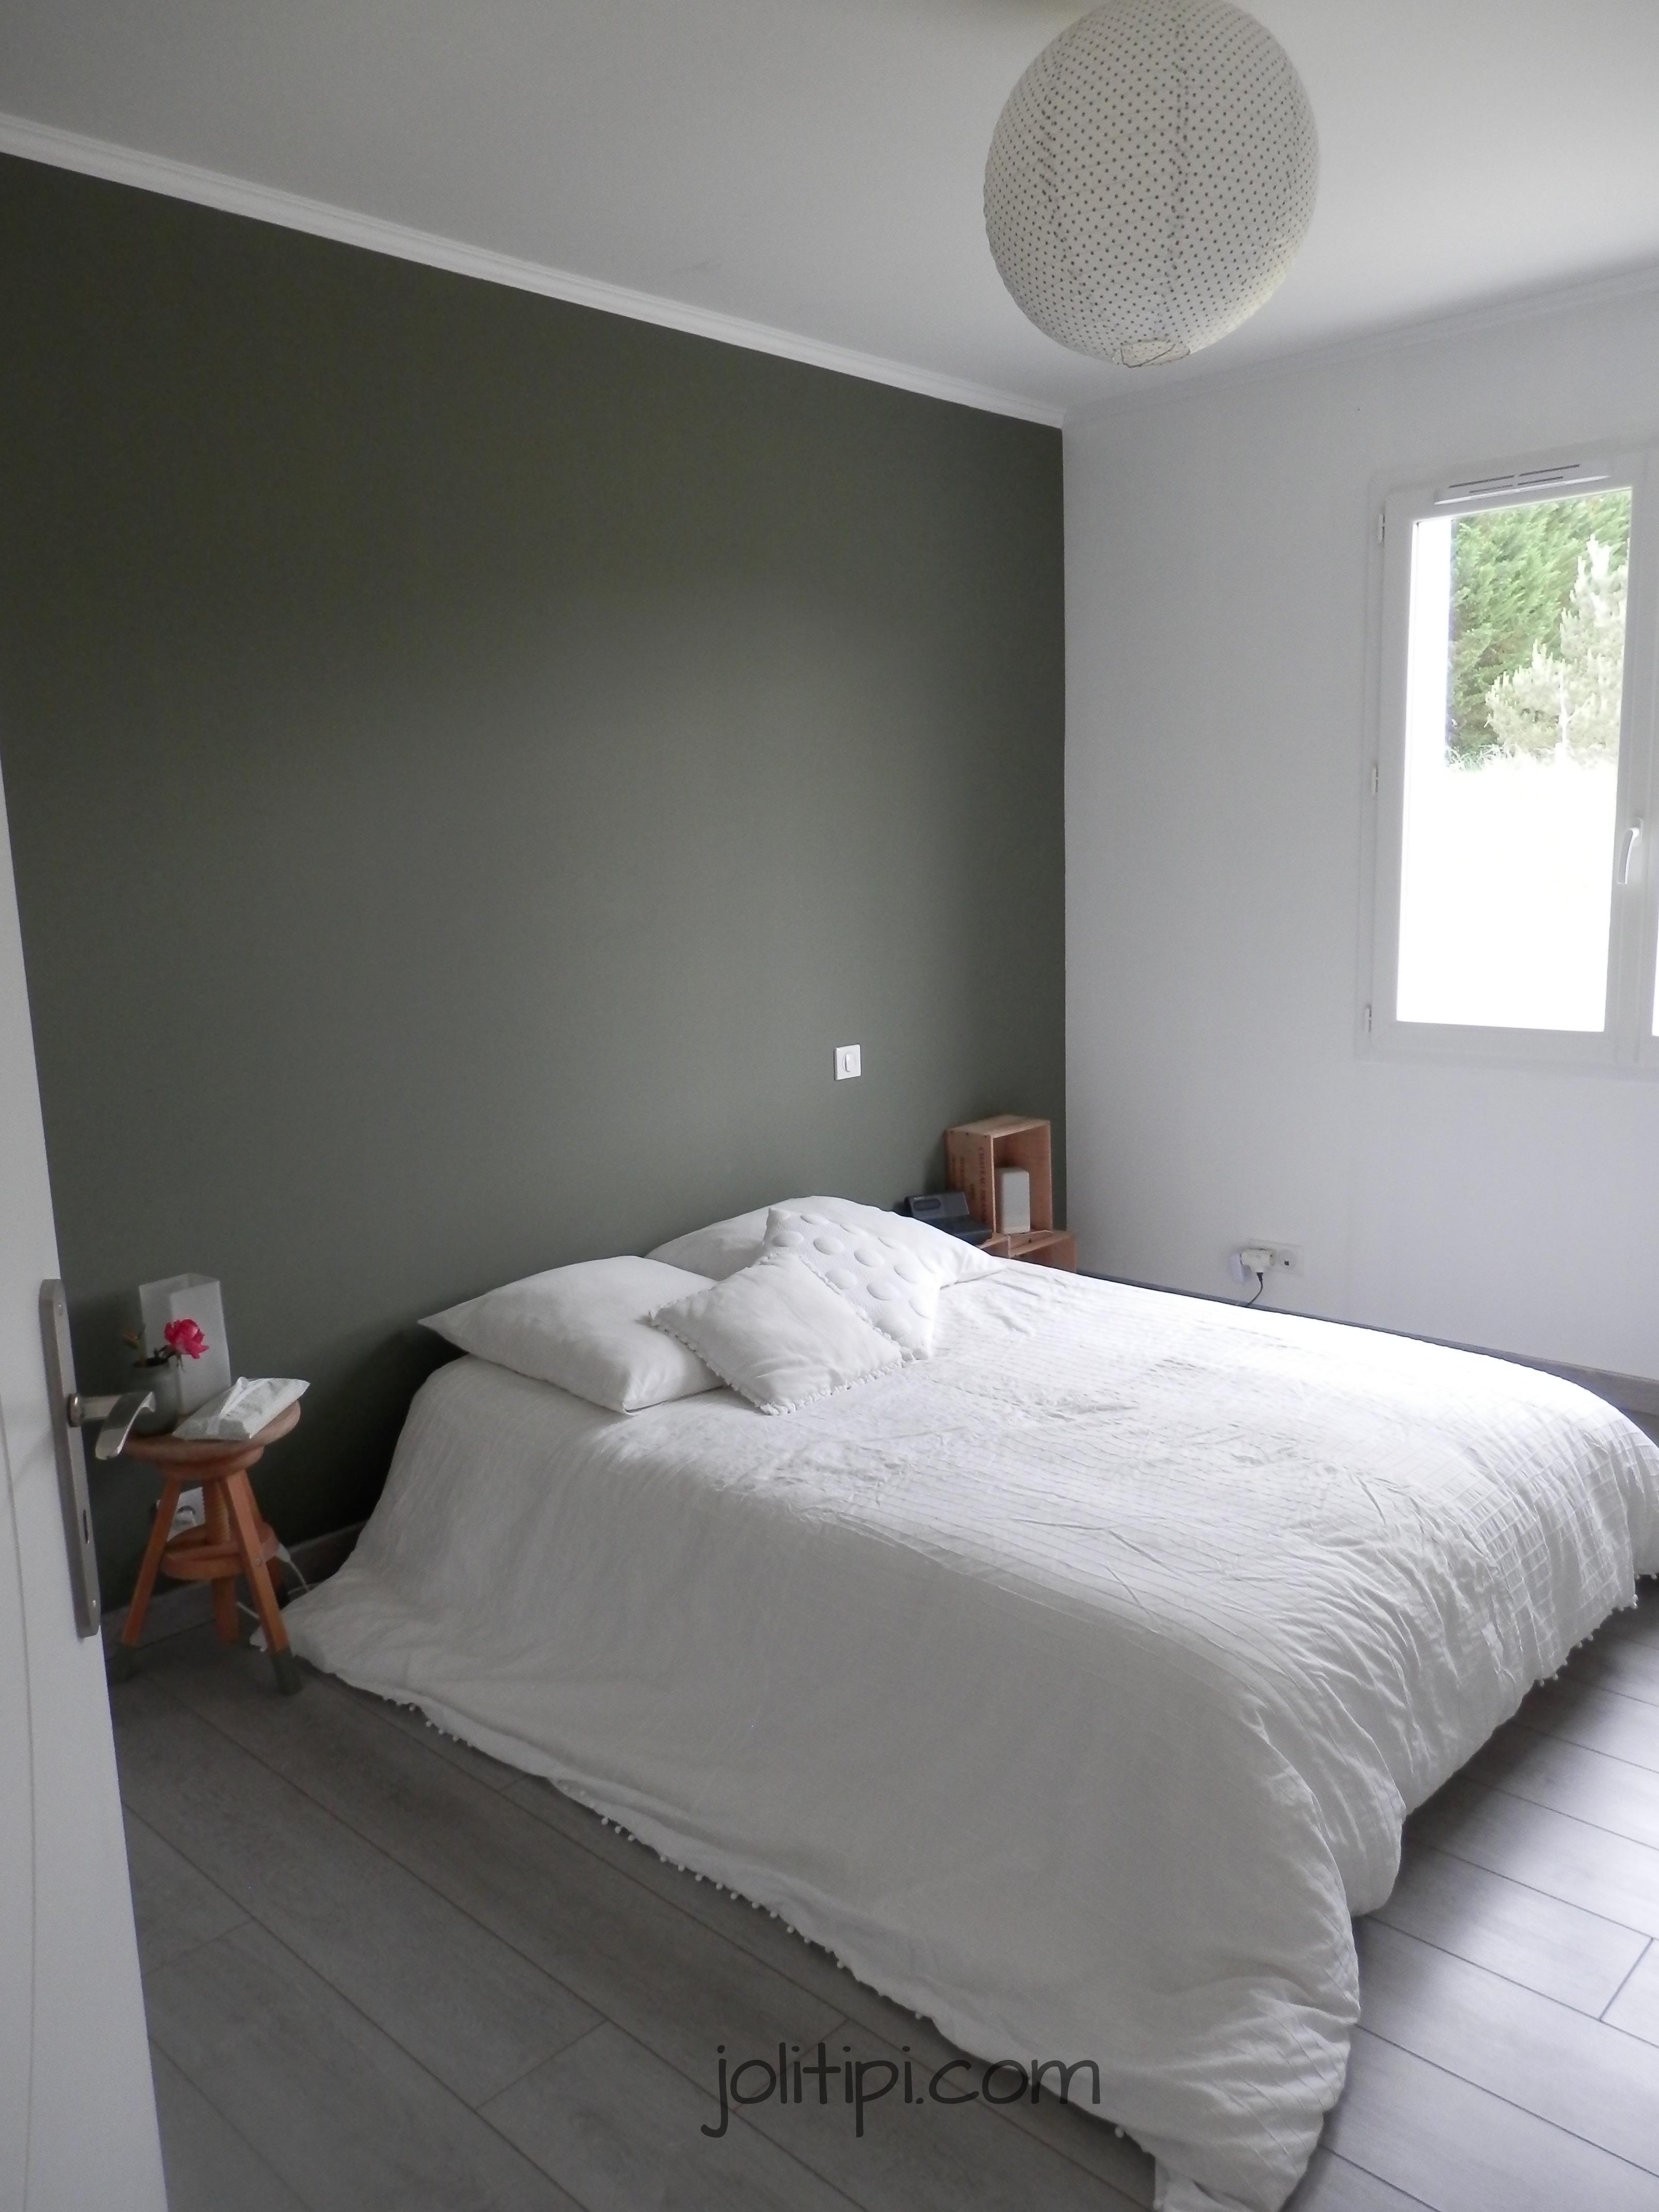 Chambre kaki et blanc visite joli tipi - Comment faire une chambre romantique ...